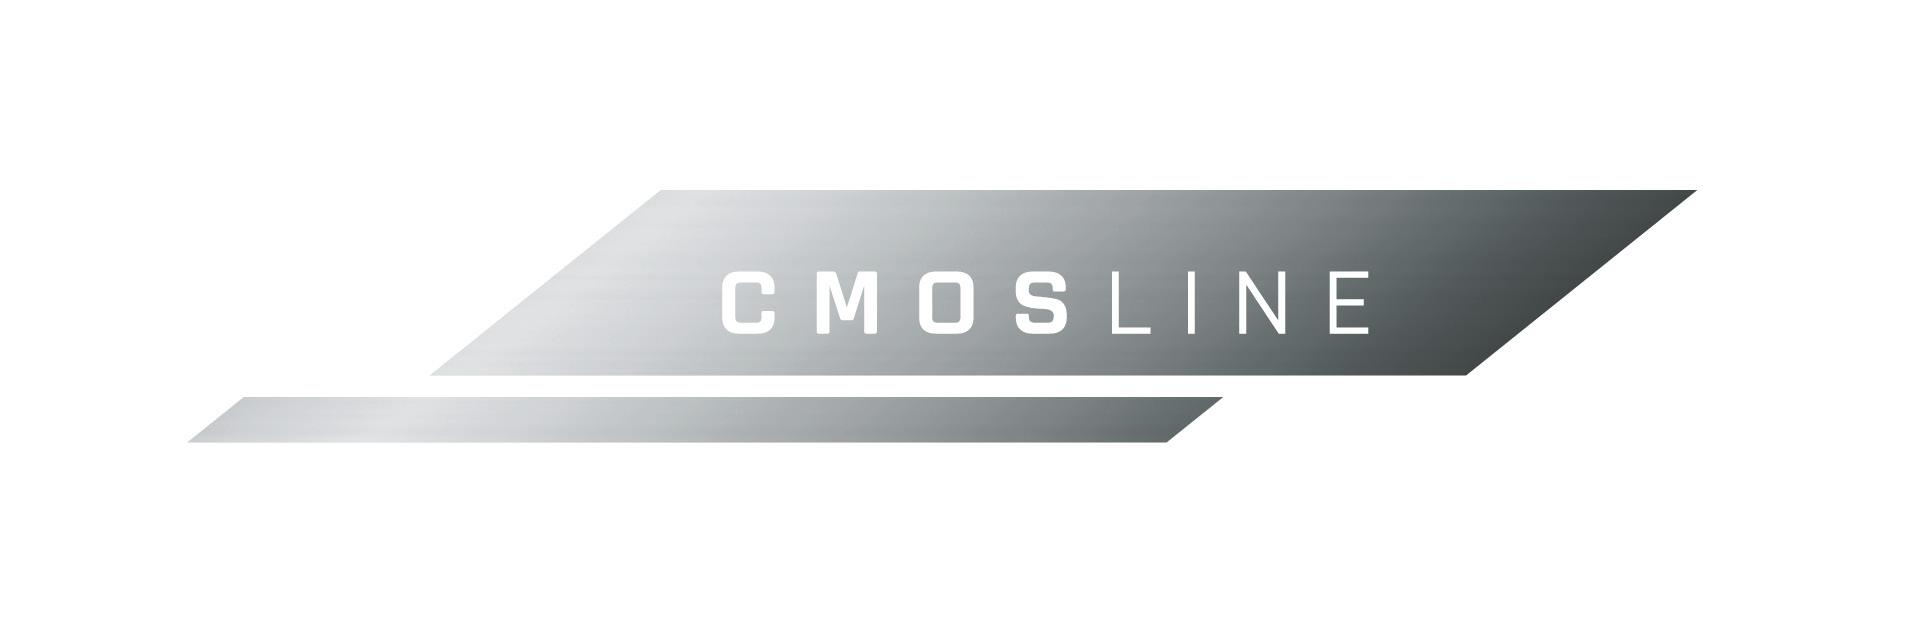 CMOSline Logo